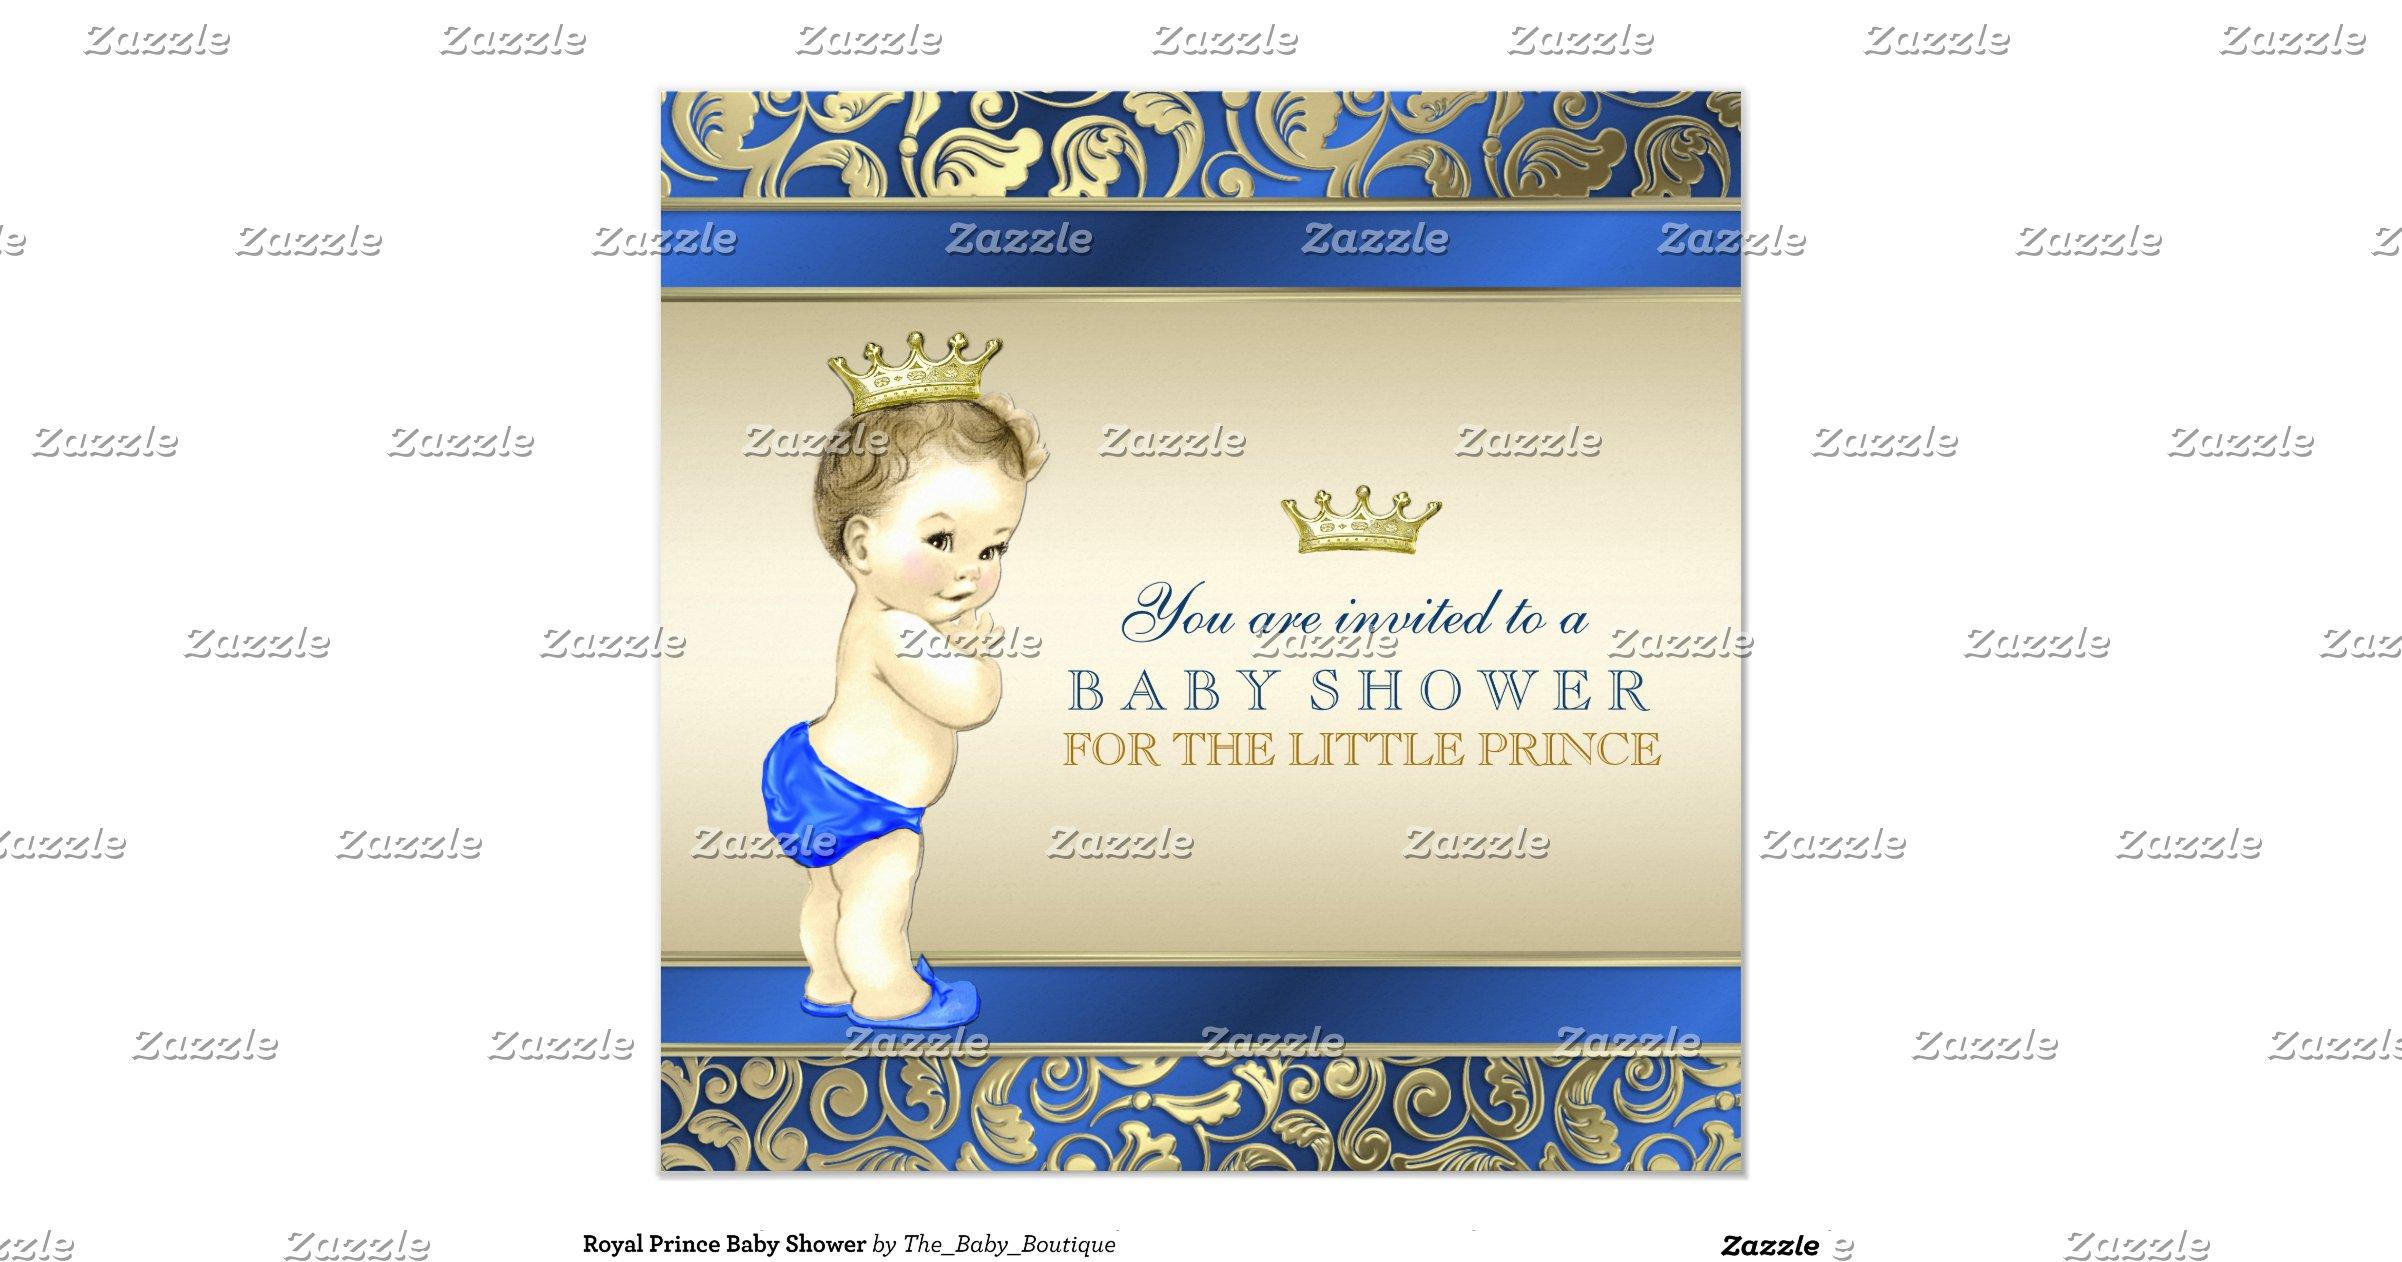 royal prince baby shower invitation r450d2d23c0da4edeb2a7e6ec97bbce39